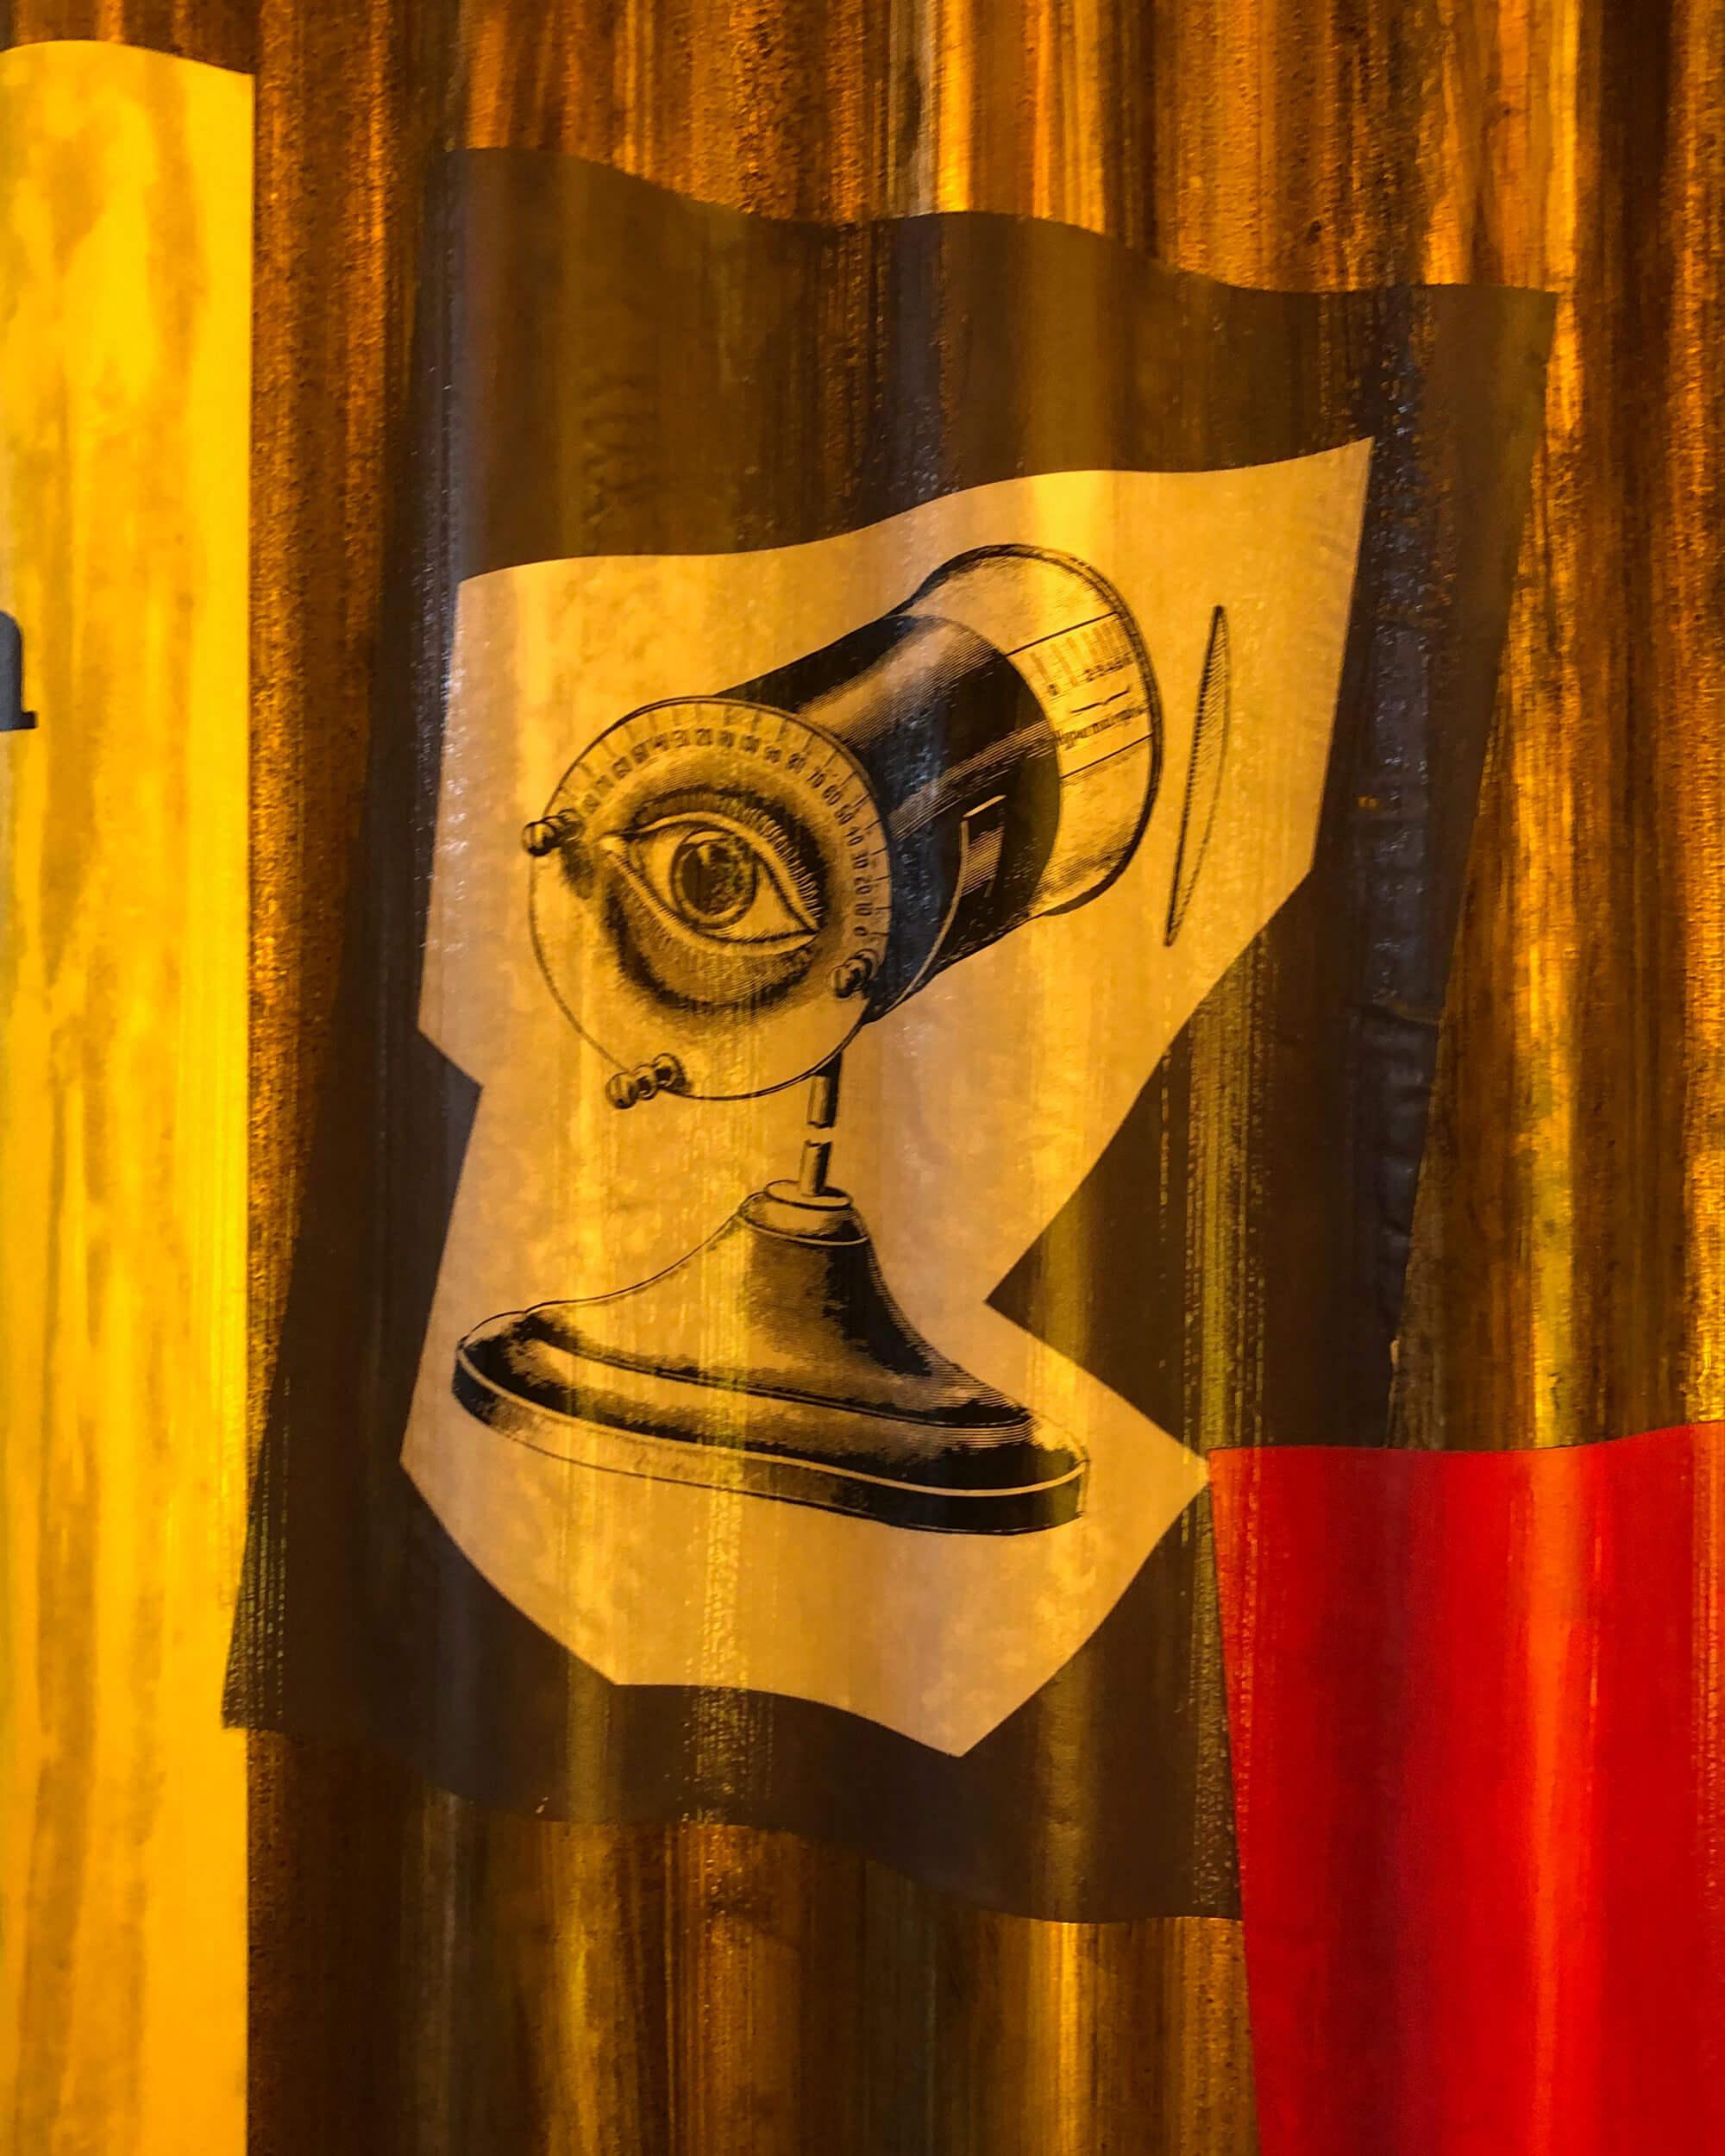 street-bkk-poissonniere-detail-ichetkar-photo-02